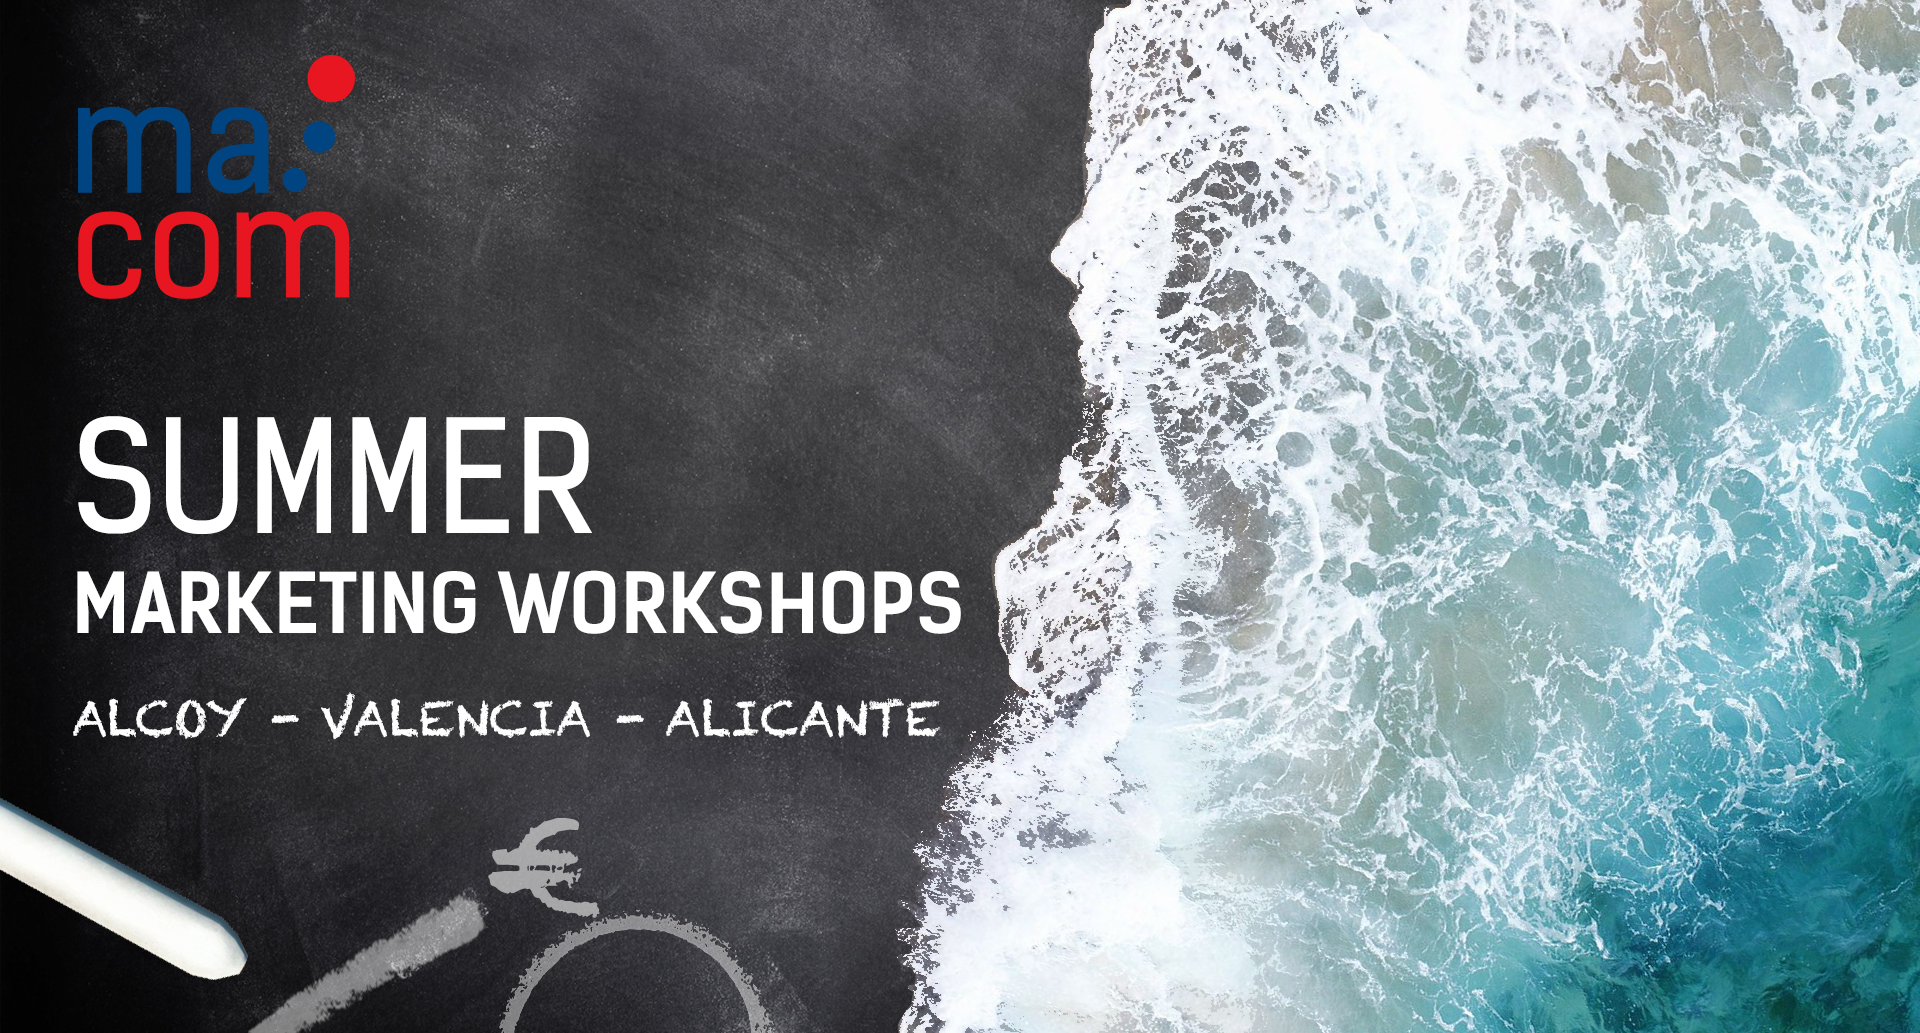 Summer Marketing Workshops